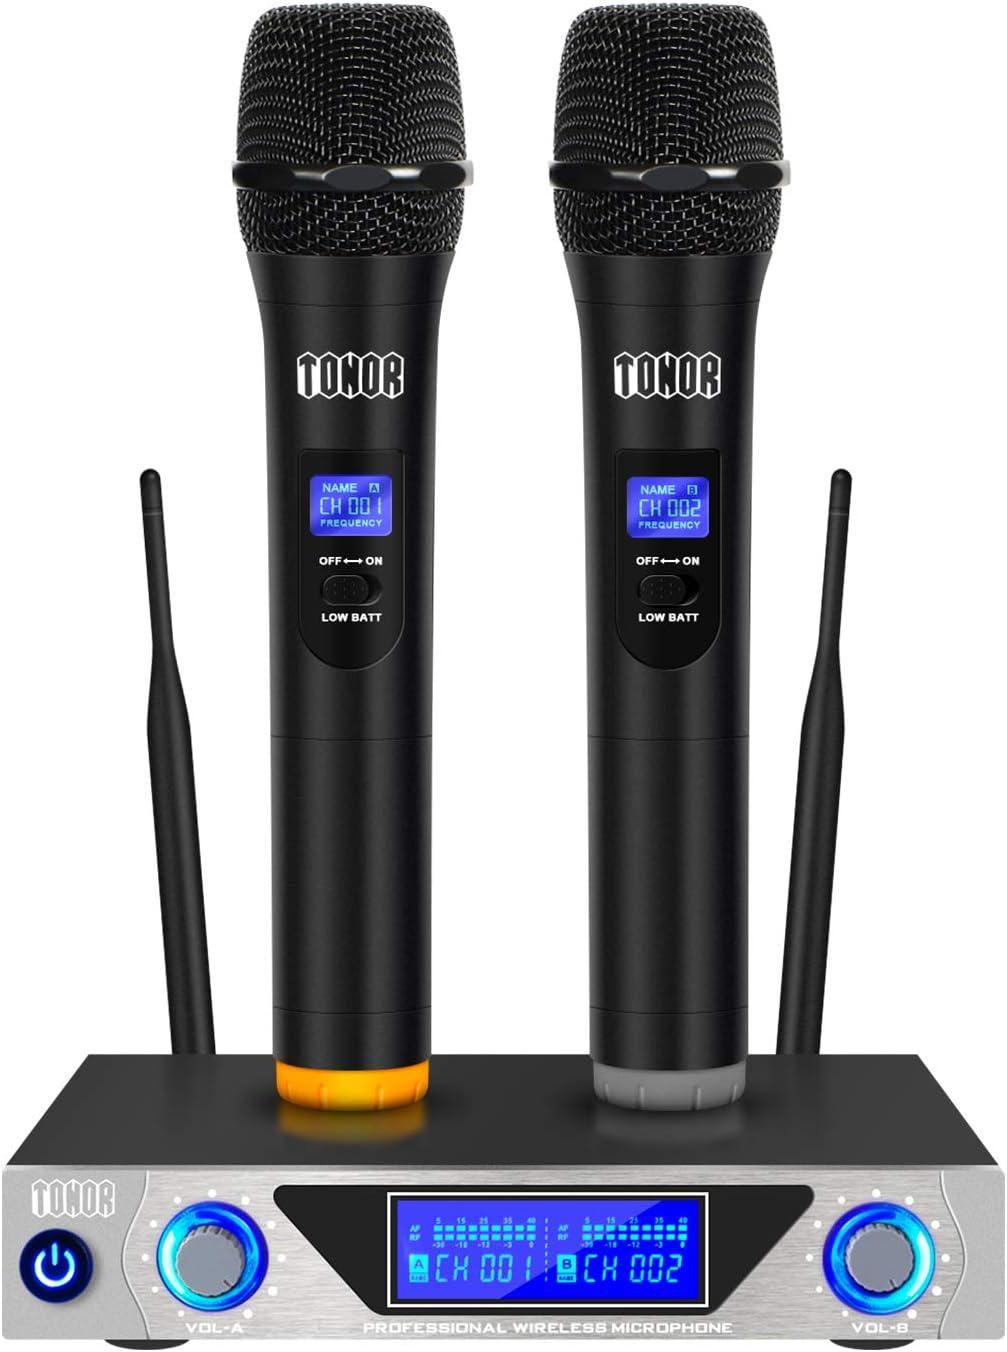 TONOR Sistema de Micrófono Inalámbrico de Mano VHF con Micrófonos Dinámicos de Mano doble y Pantalla LED para Karaoke Fiesta Clase Reunión,Negro